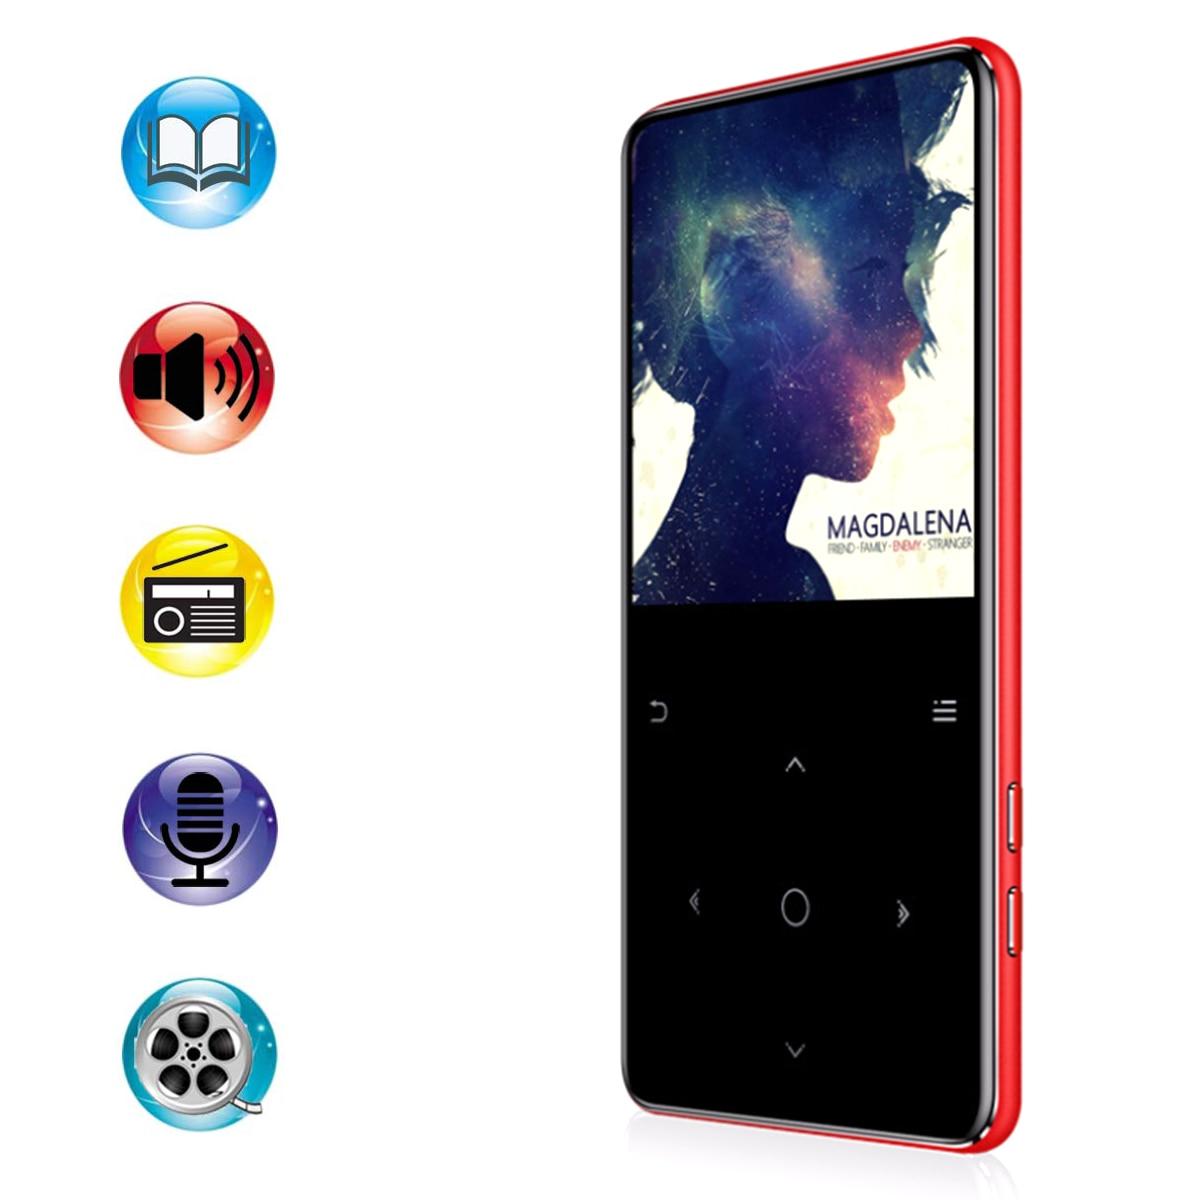 Lecteur MP3 Bluetooth de marque 8 GB lecteur multimédia de musique USB enregistreur vocal FM réveil E-book avec prise en charge casque carte TF